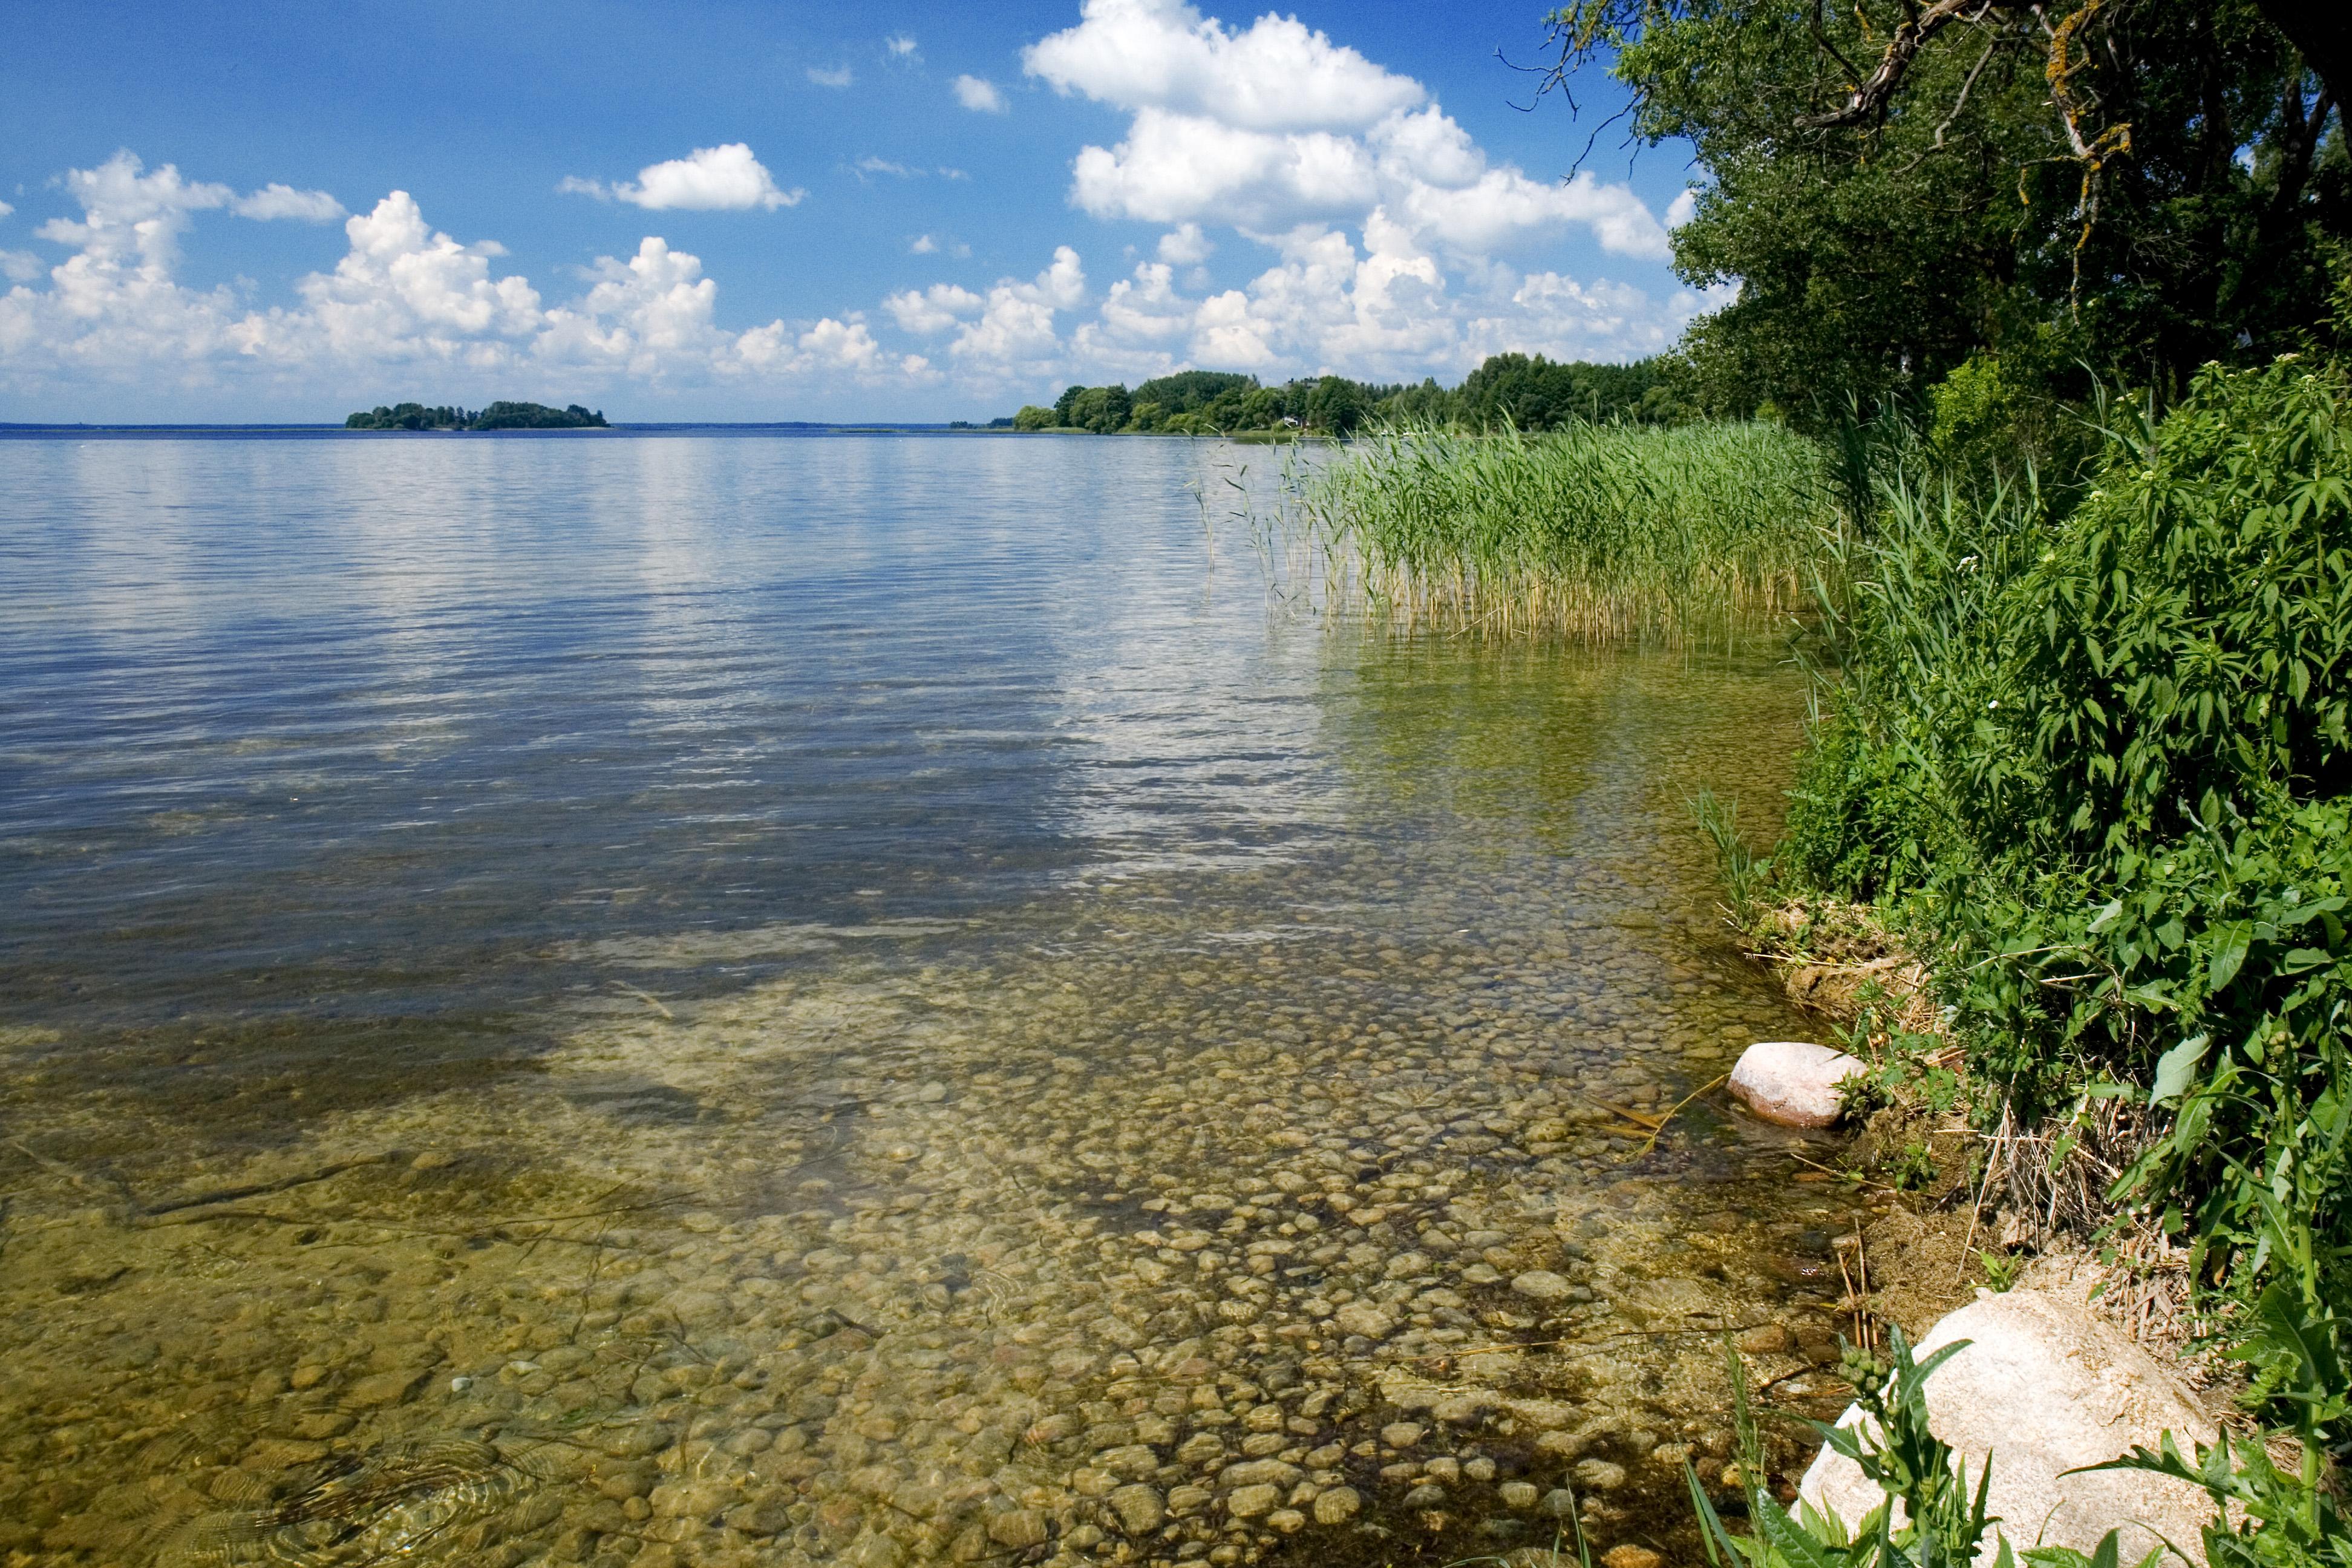 Нарочь (озеро) - это... Что такое Нарочь (озеро)? база